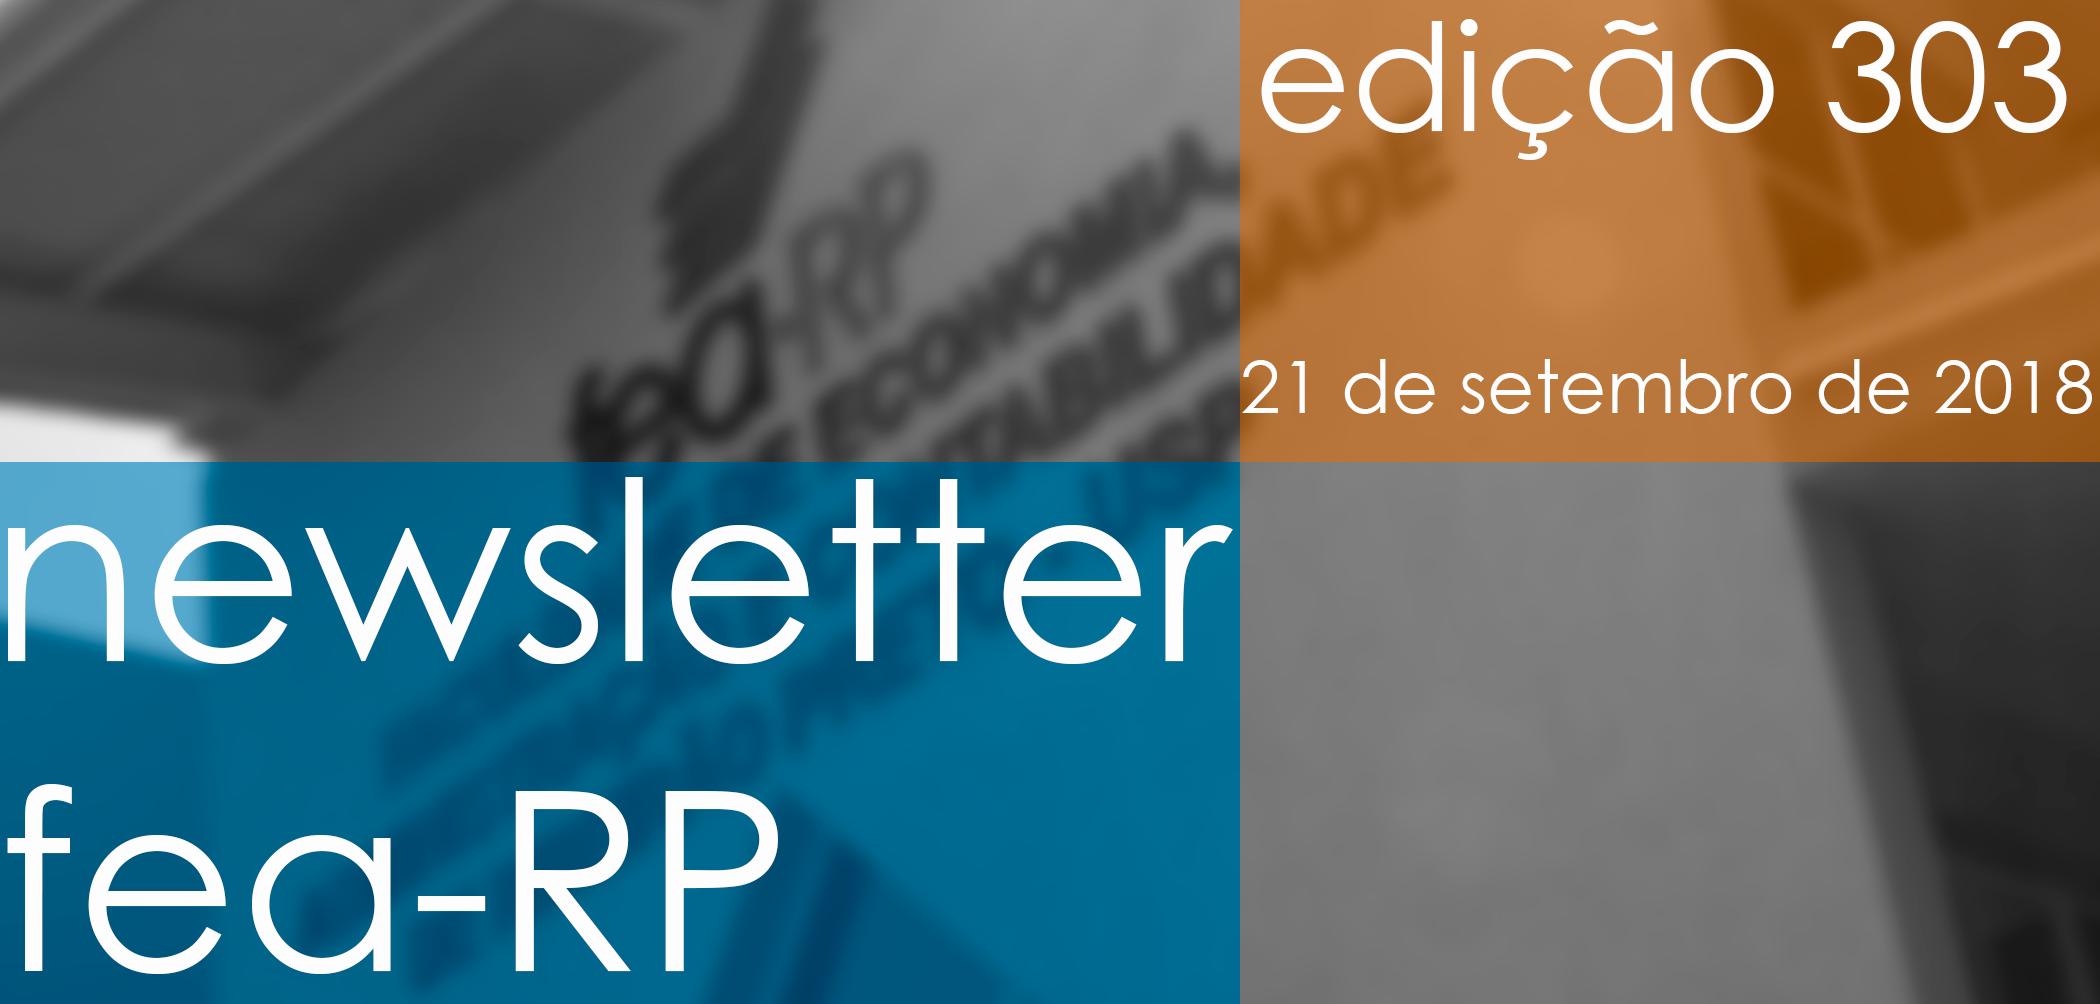 Newsletterheader303